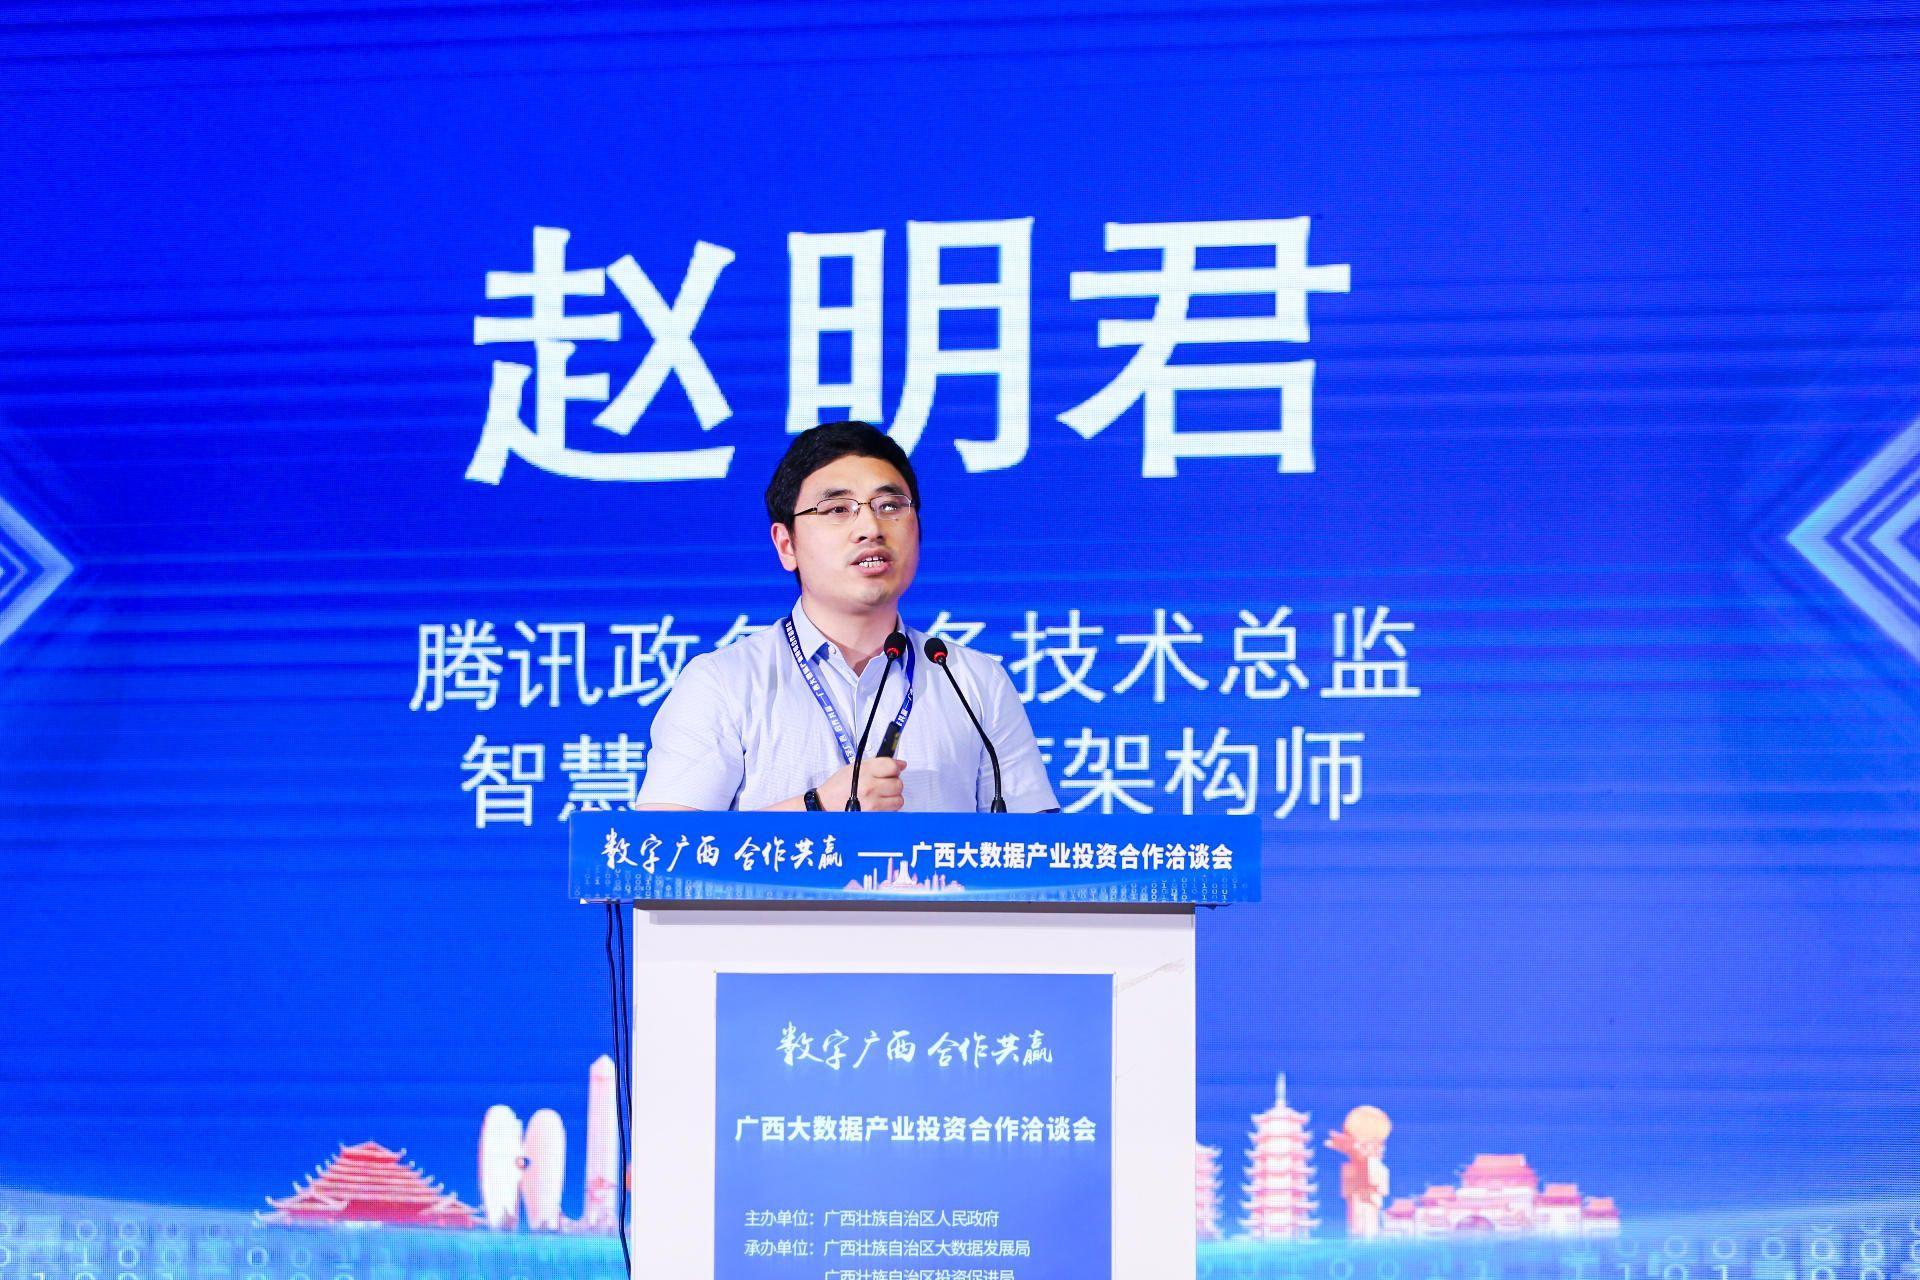 """腾讯政务业务技术总监、智慧城市首席架构师赵明君,就""""创新引领发展  共建数字广西""""进行路演展示。"""